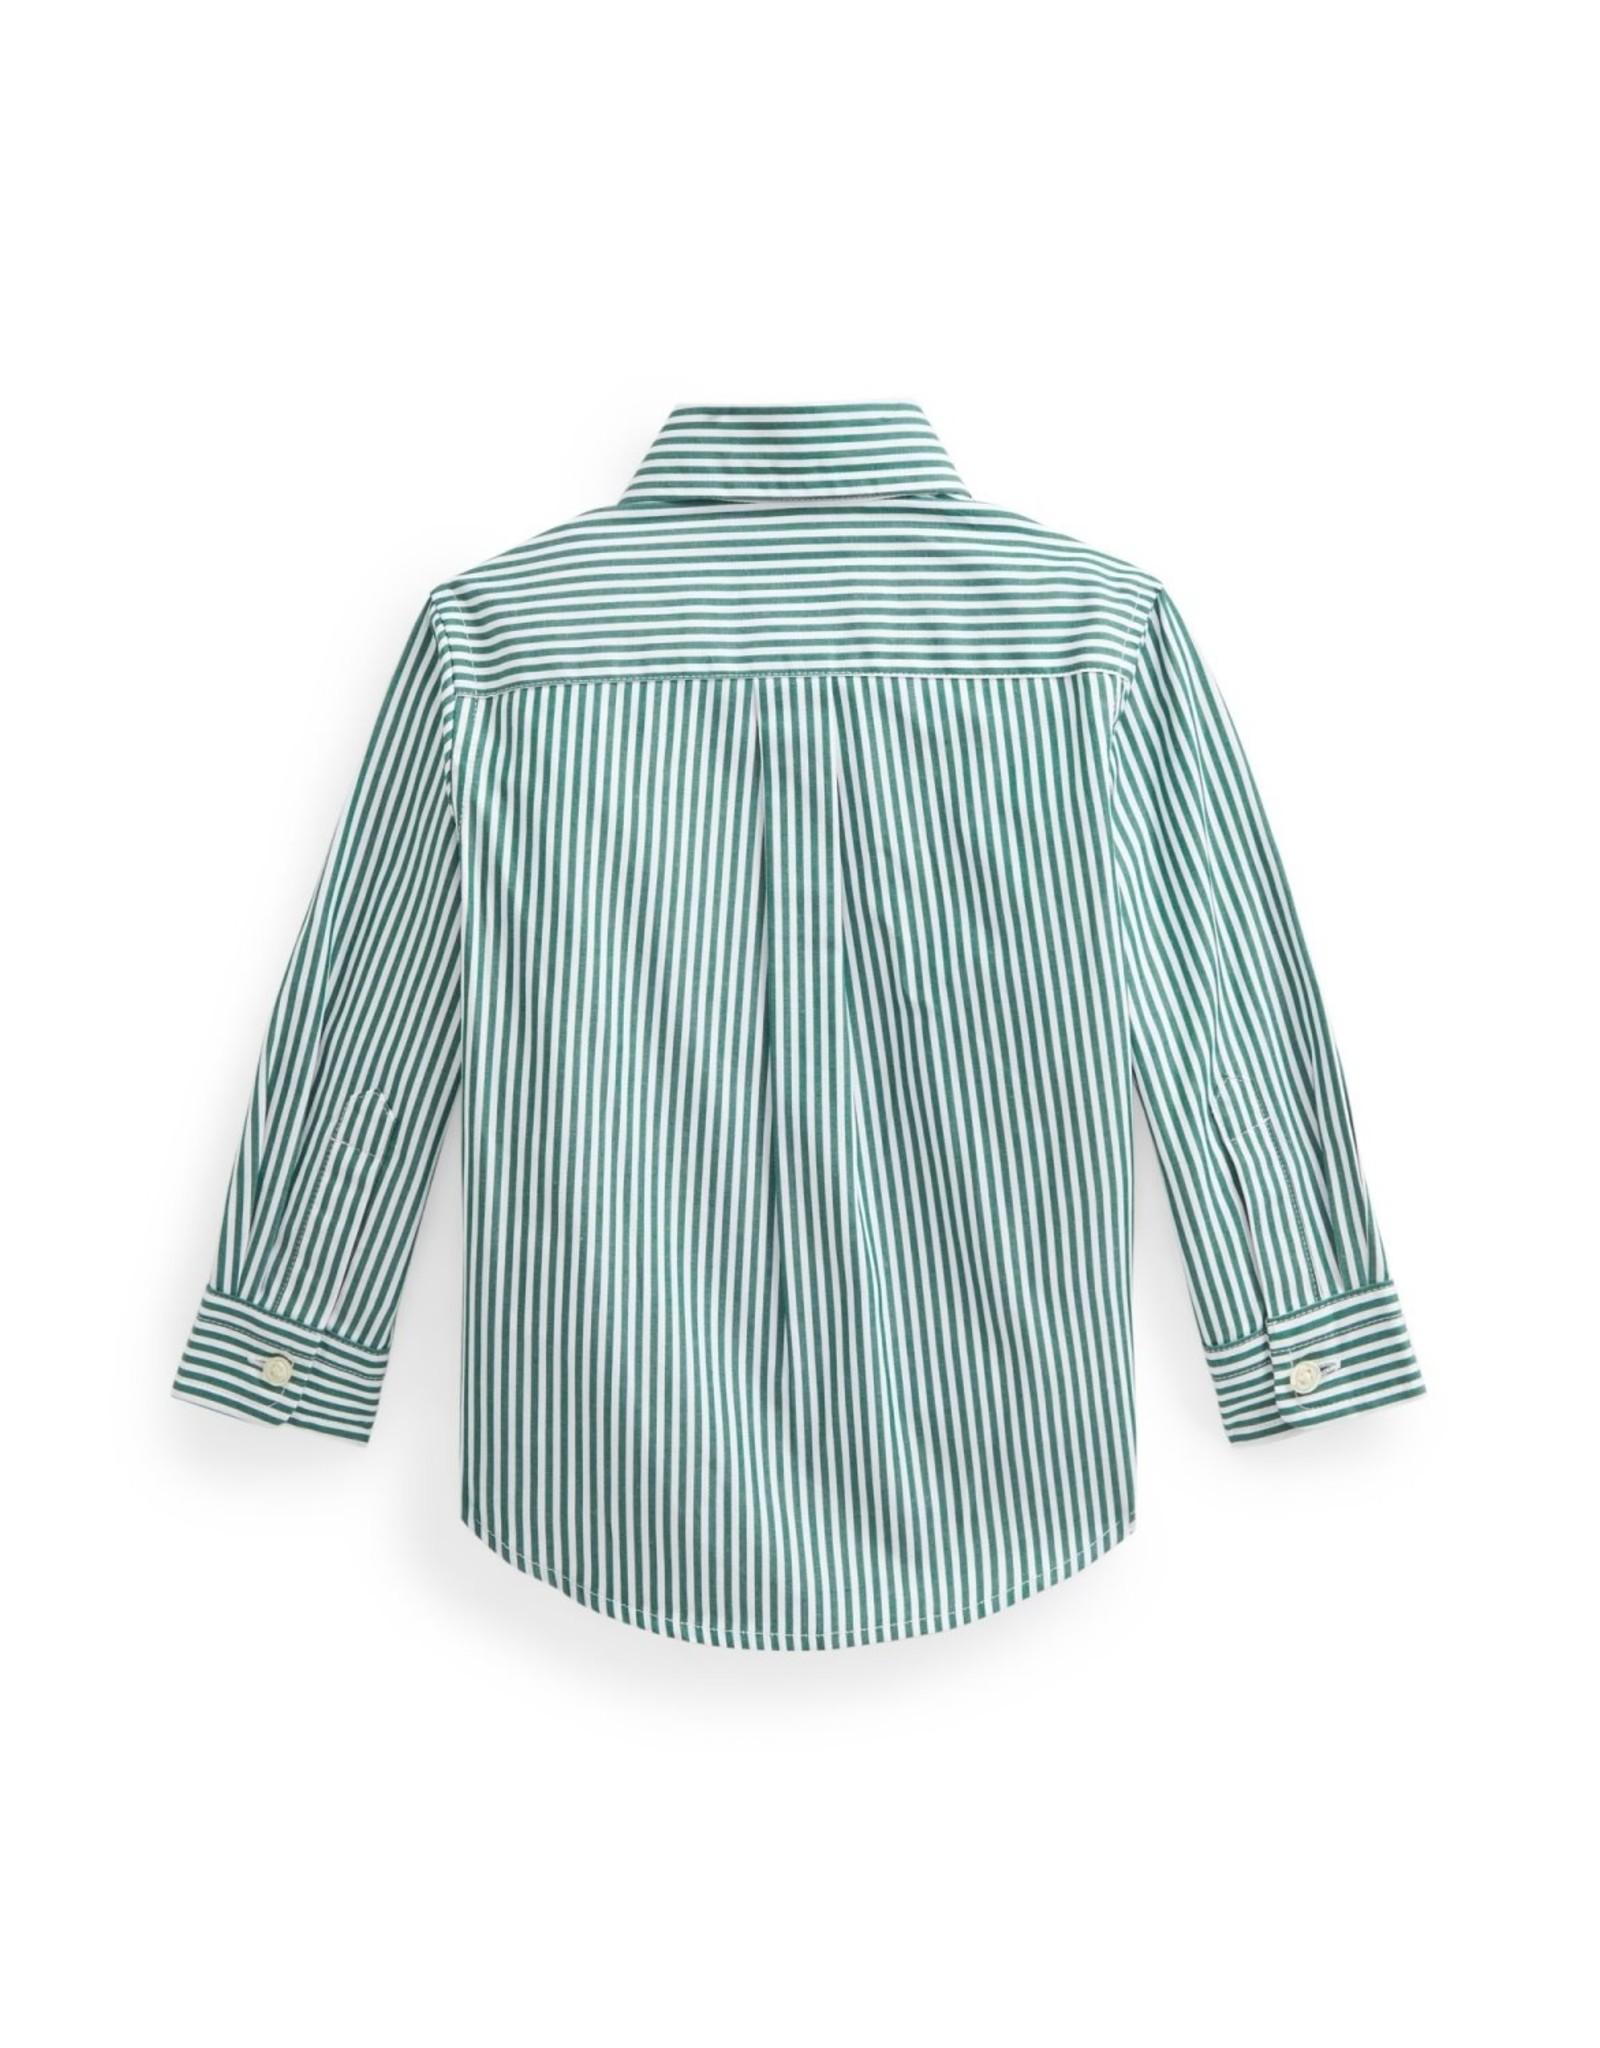 RALPH LAUREN RALPH LAUREN Hemd groen gestreept